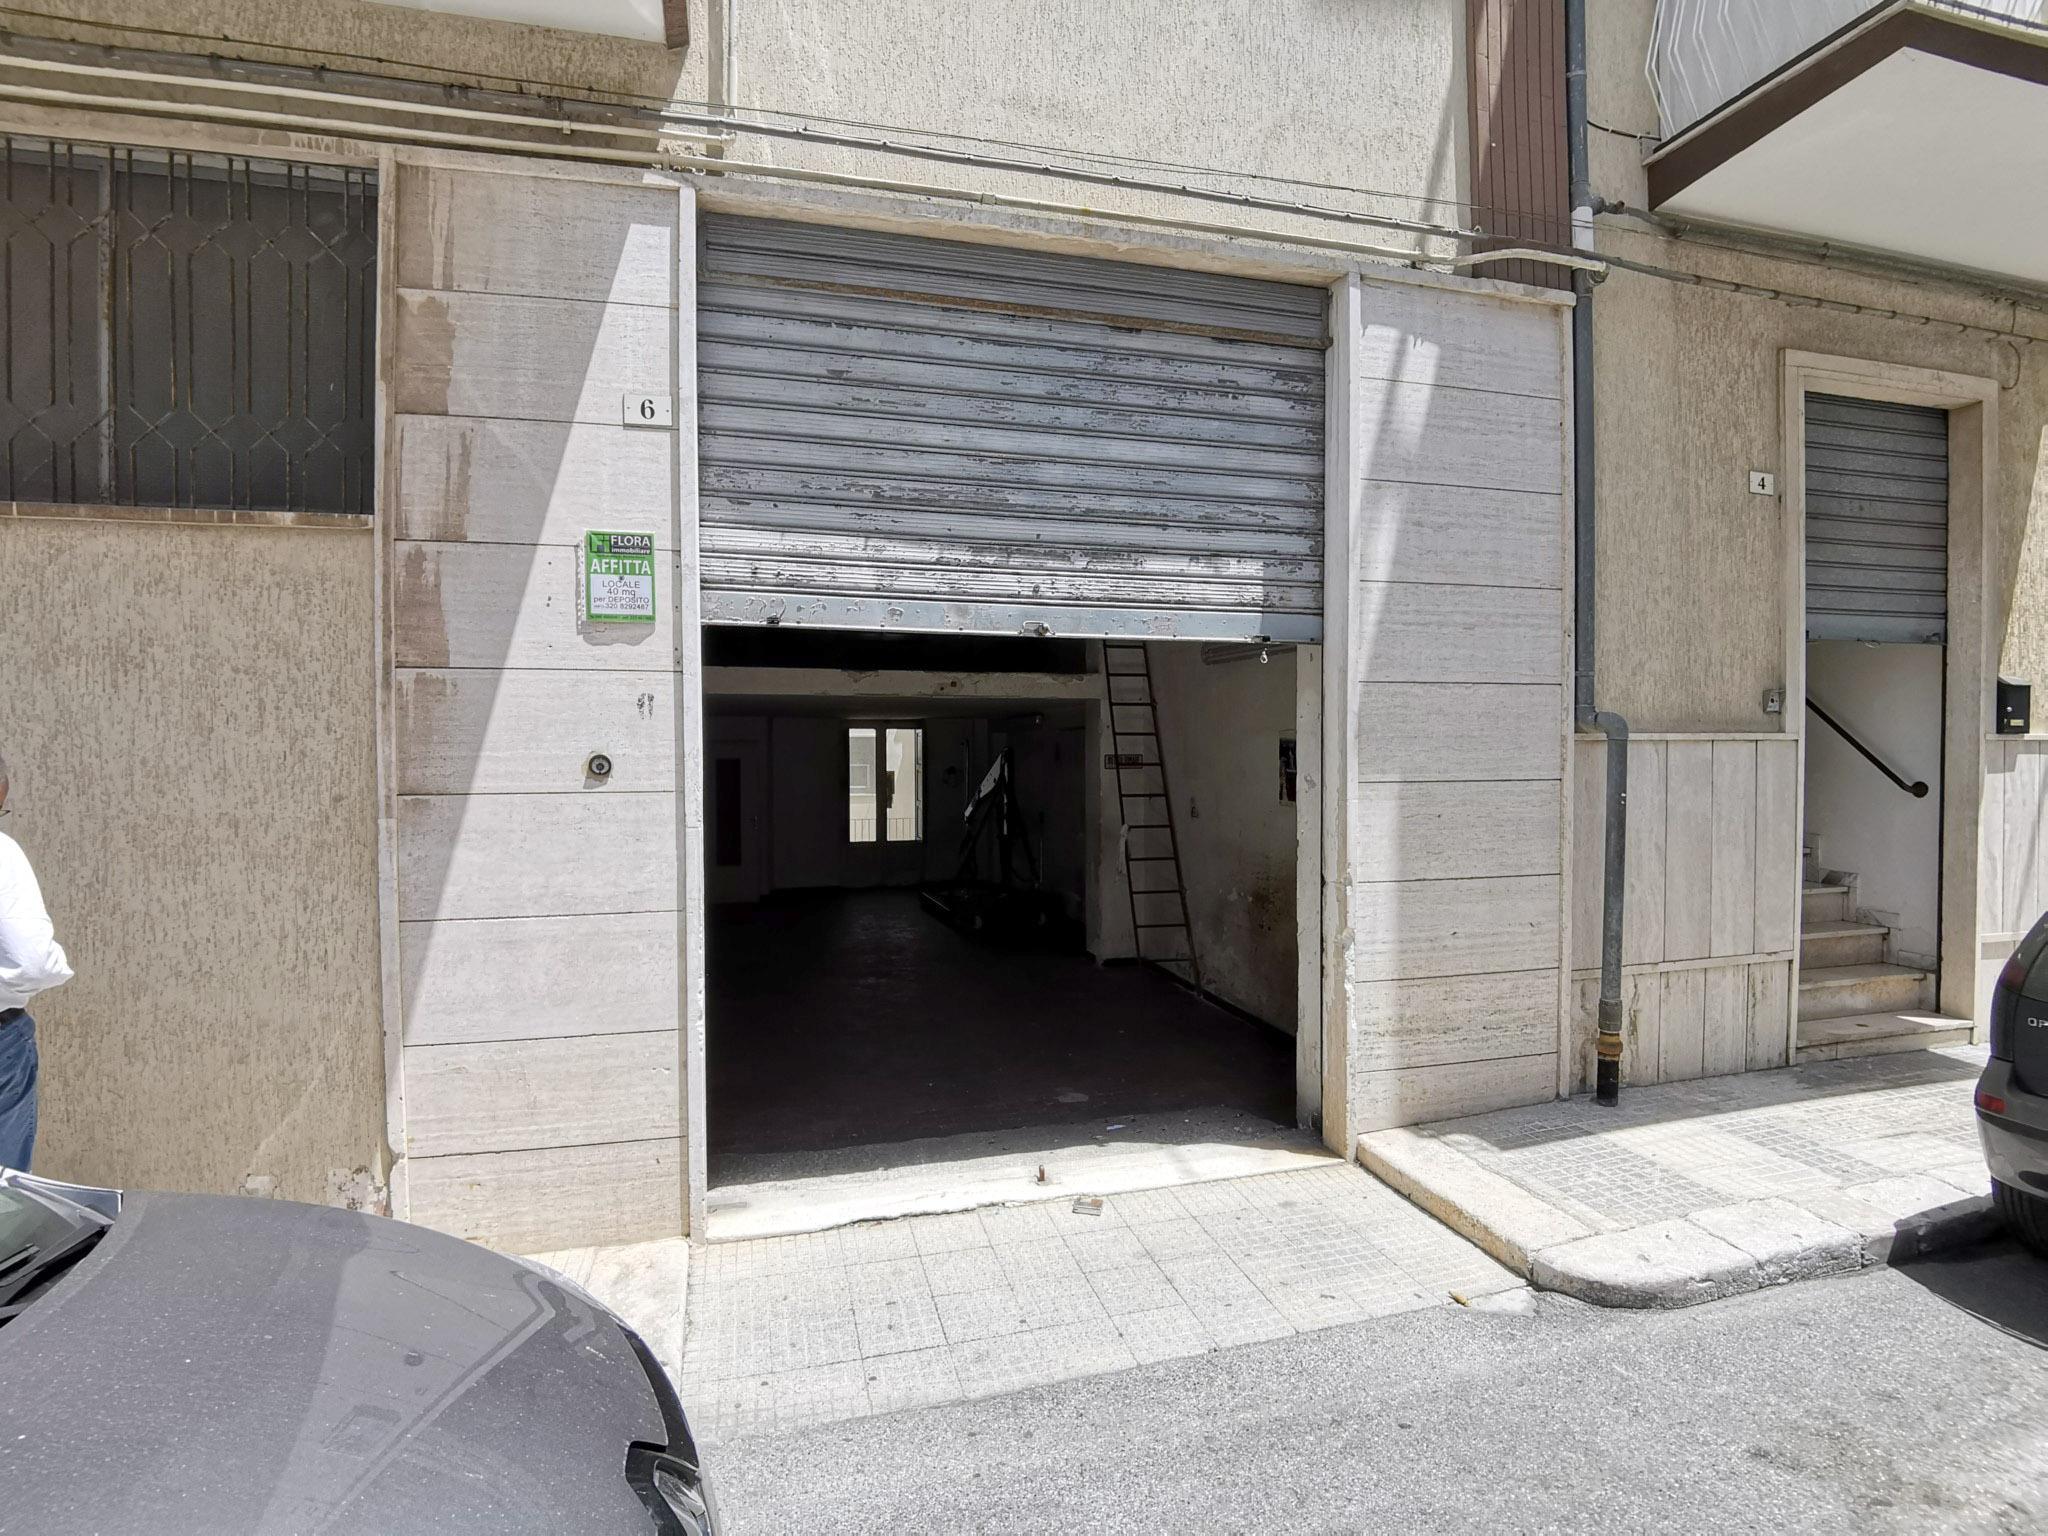 604 – Locale – via Serramancone 6 – Martina Franca